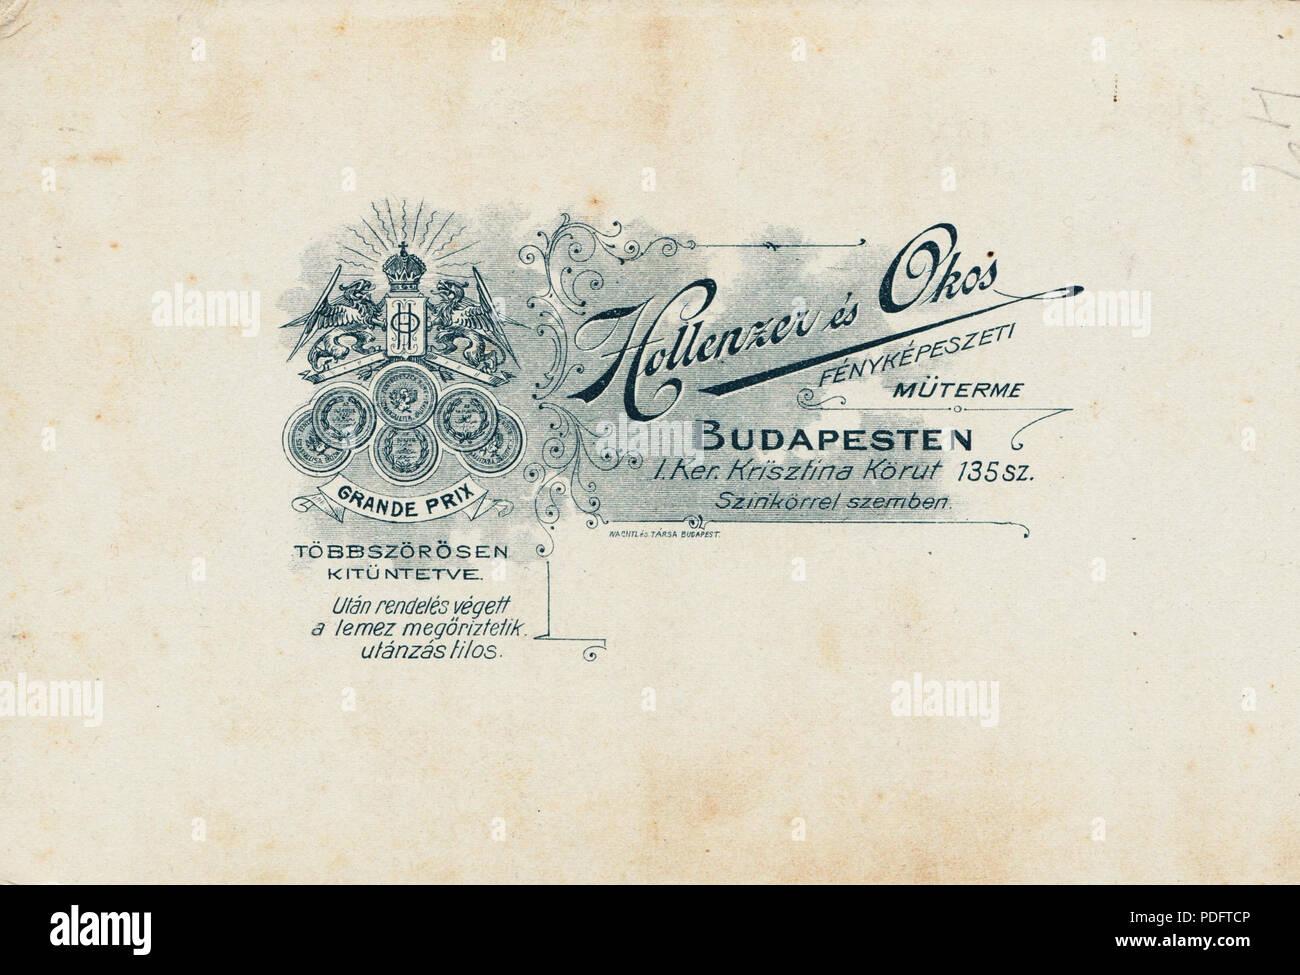 186 Krisztina körút 135., Hollenzer és Okos fényképészeti műterme. Fortepan 81168 - Stock Image